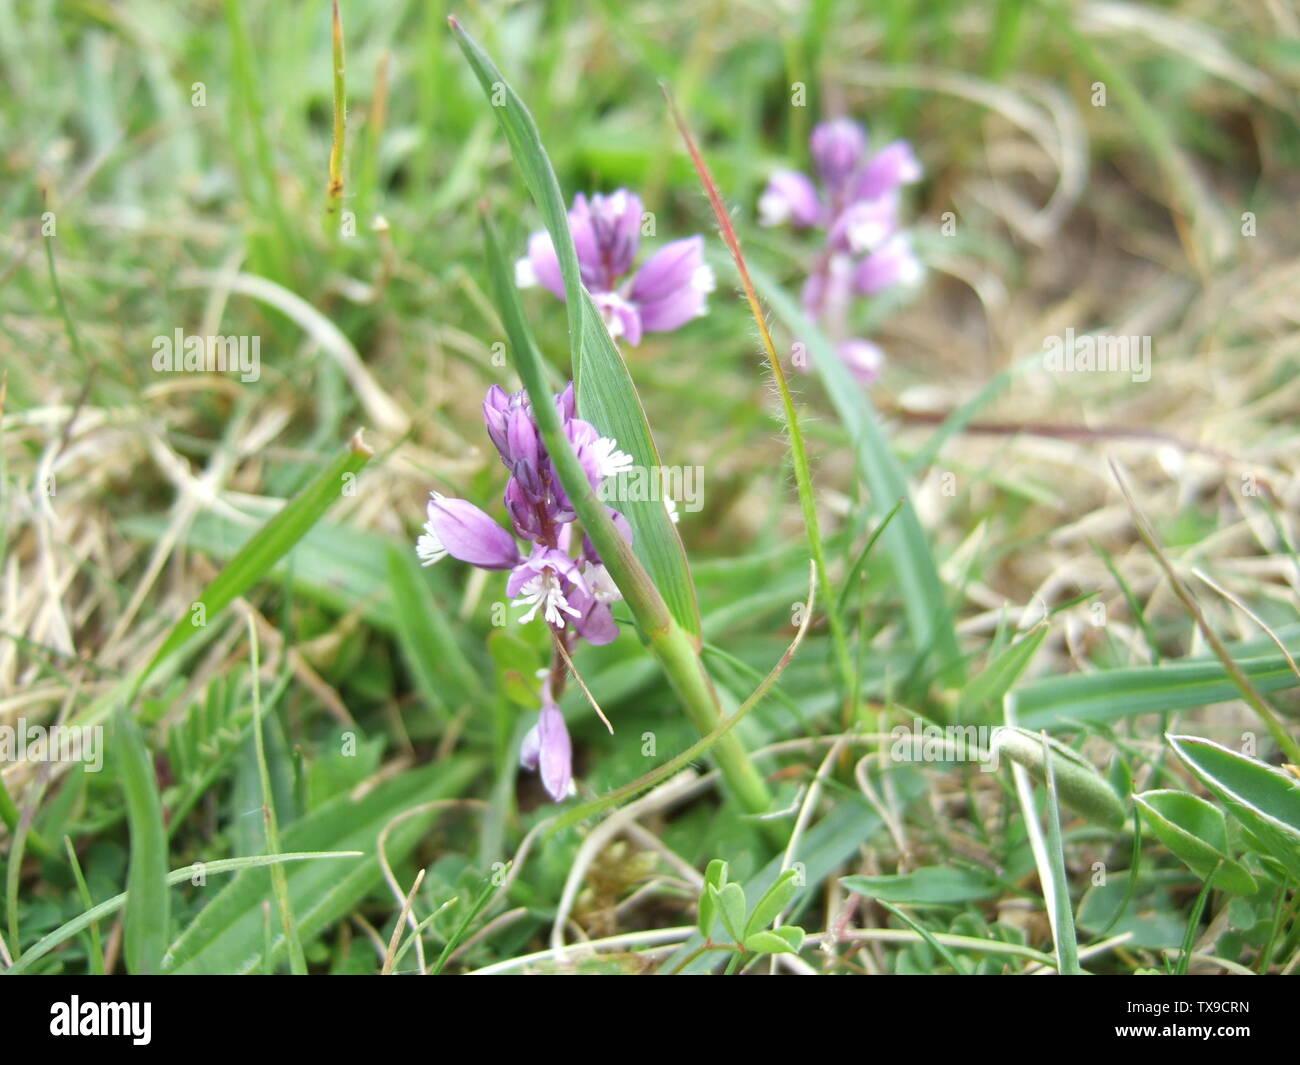 """'English: Polygale incarnat (Polygala sp.) croissant sur la craie, Wiltshire, Royaume-Uni. La majorité des plantes ont fleuri bleu à proximité mais qui n'avait pas de photo de fleurs mauve aussi chargé comme ilkwort """"blue'); 4 mai 2009 (en fonction des données Exif); son propre travail de l'original uploader; utilisateur:Jasper33; ' Photo Stock"""